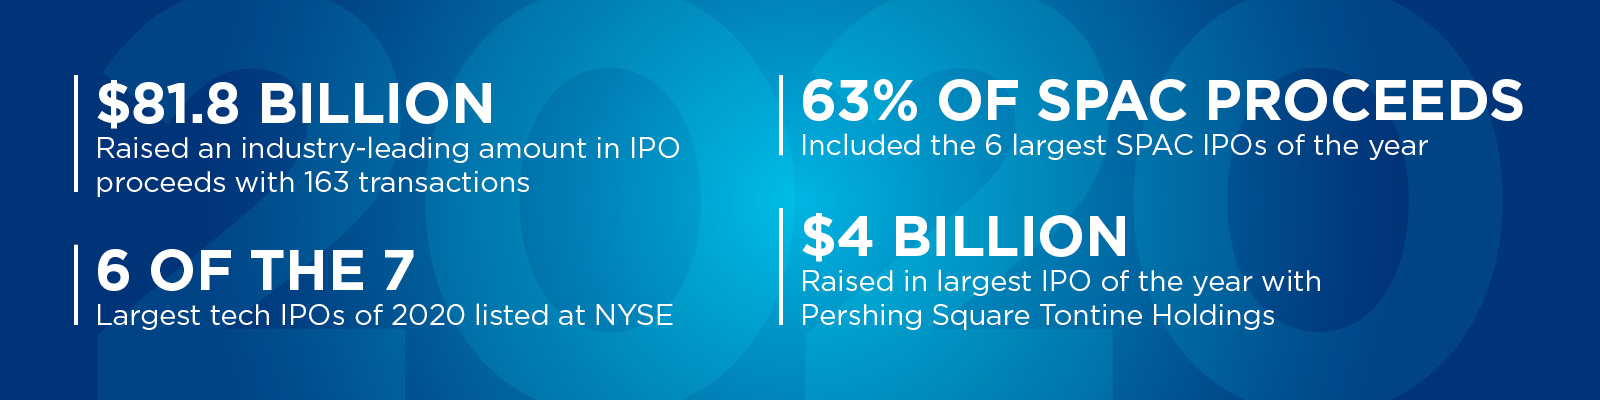 NYSE 2019 Statistics